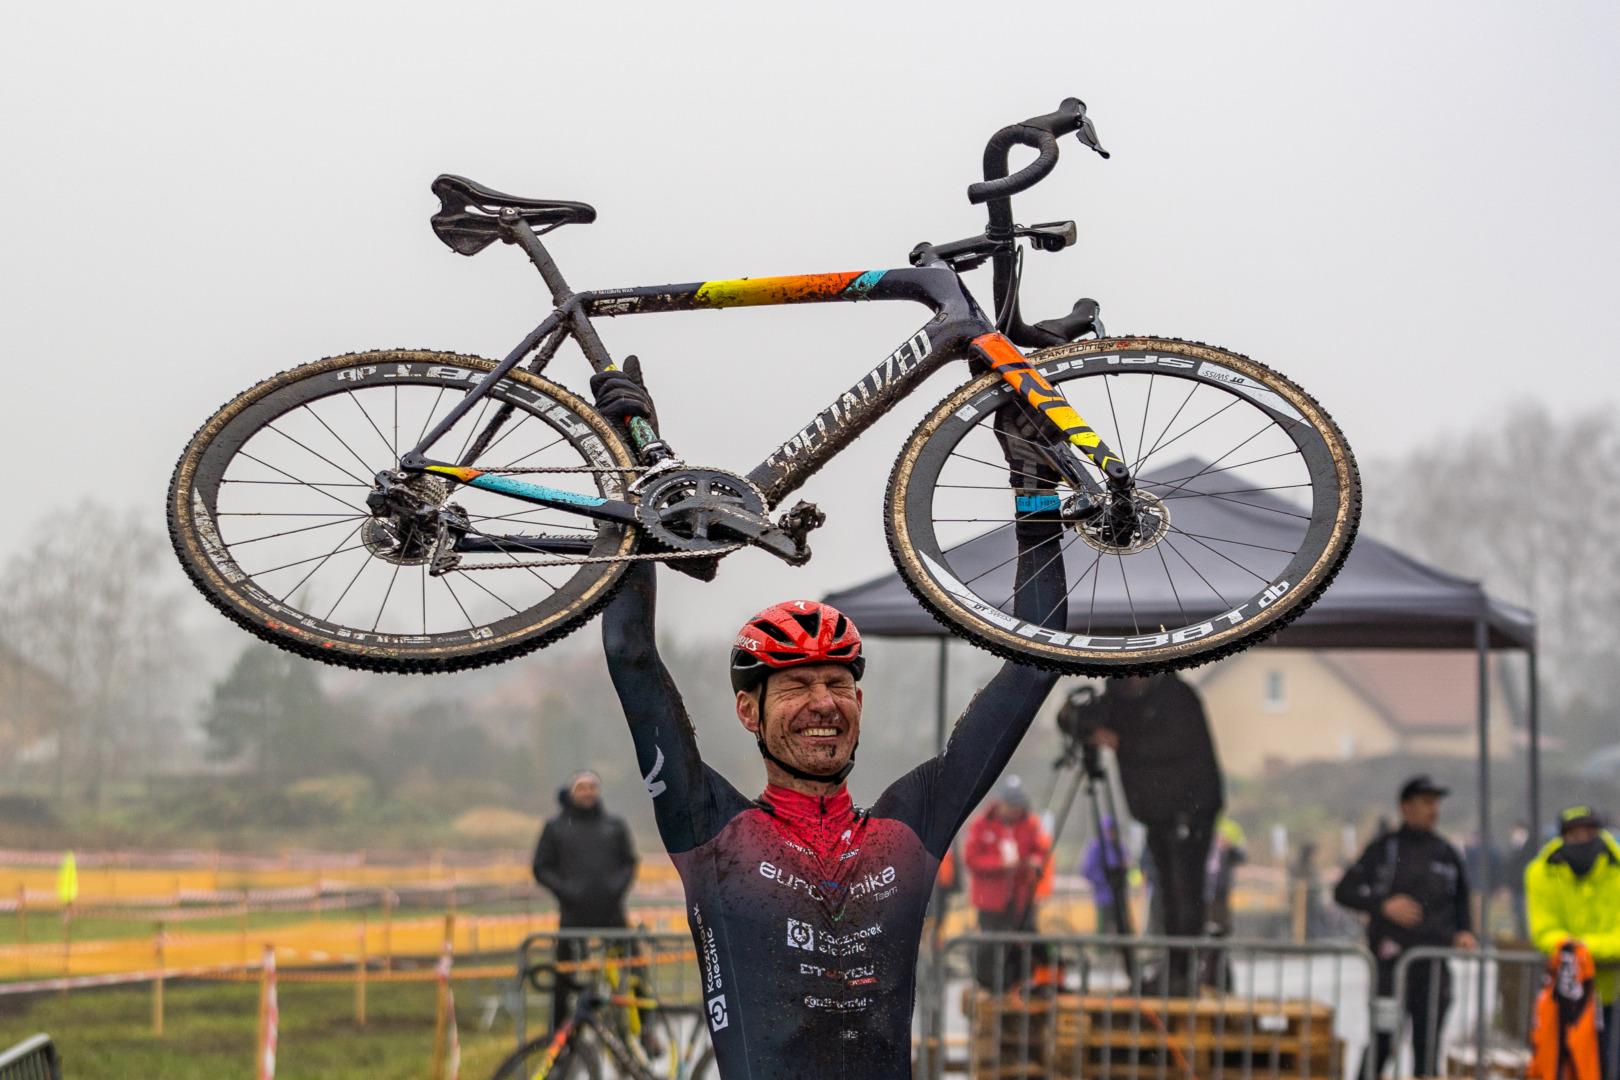 """Andrzej Kaiser (Euro Bike Kaczmarek Electric): """"przełaj jest jedną z cięższych konkurencji kolarskich. Trzeba być wszechstronnie wytrenowanym."""""""